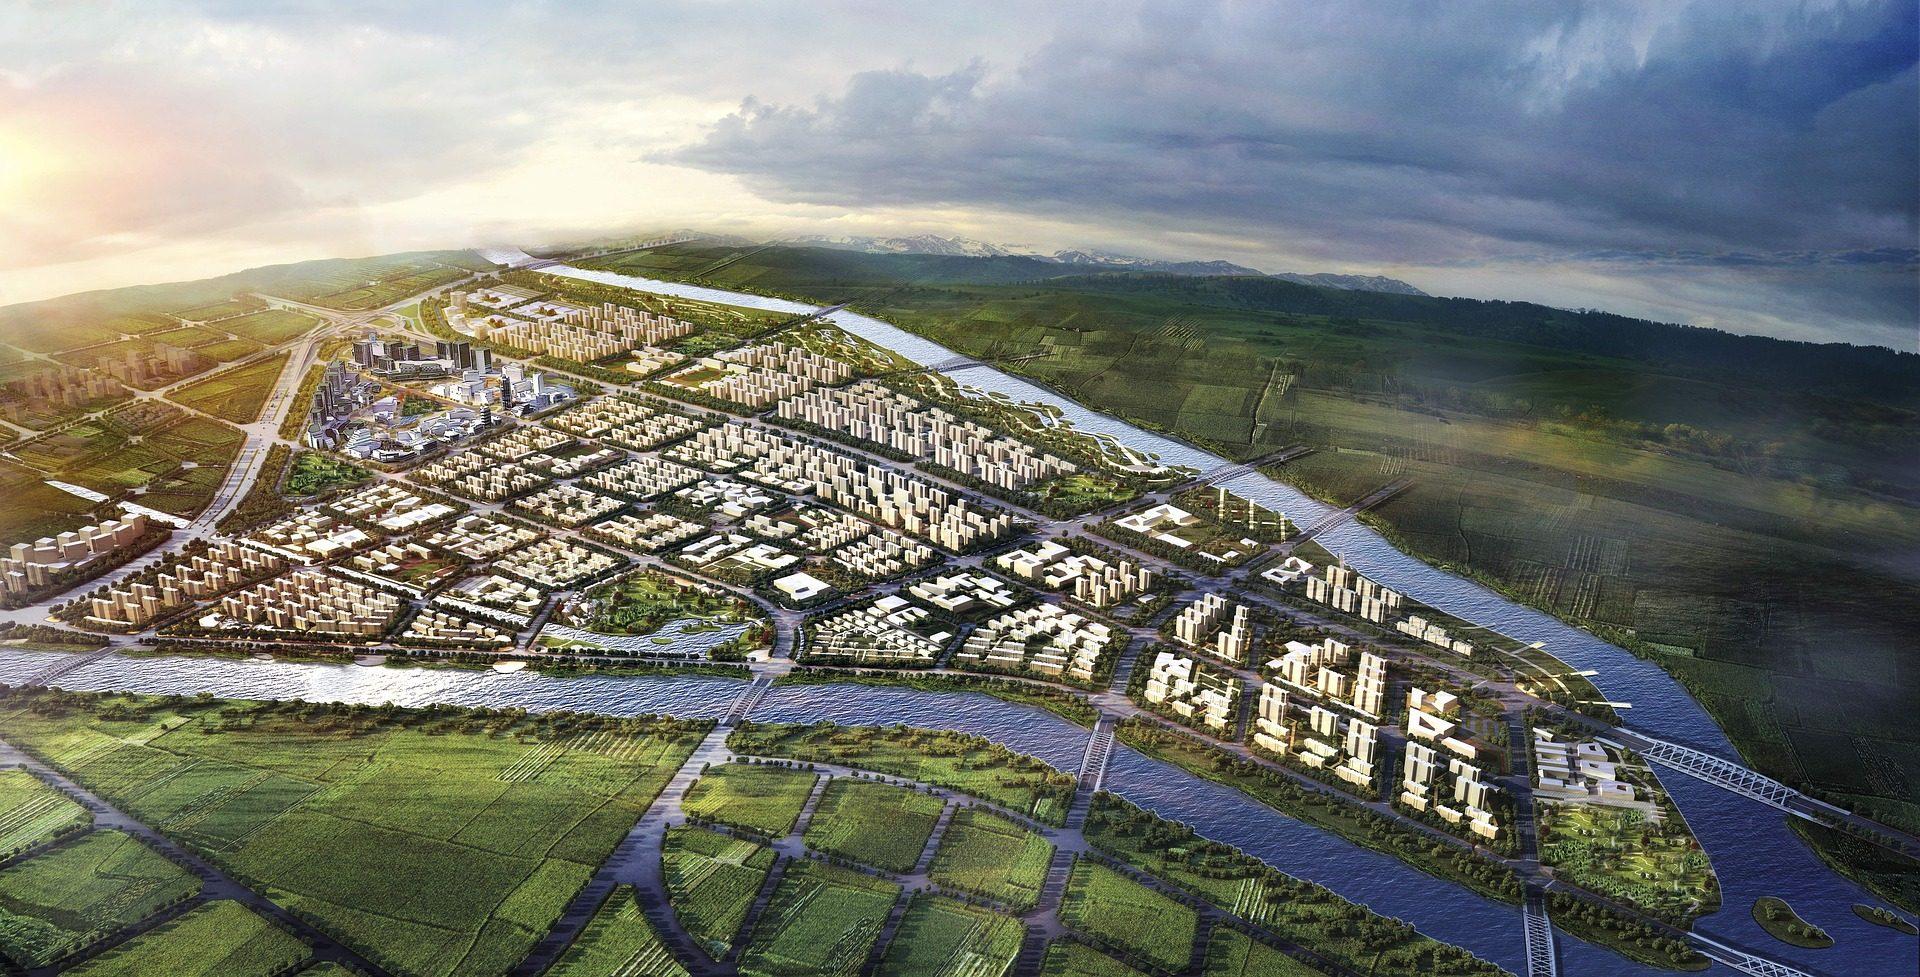 市, 住宅, 建物, モデル, シミュレーション, 飛行機 - HD の壁紙 - 教授-falken.com